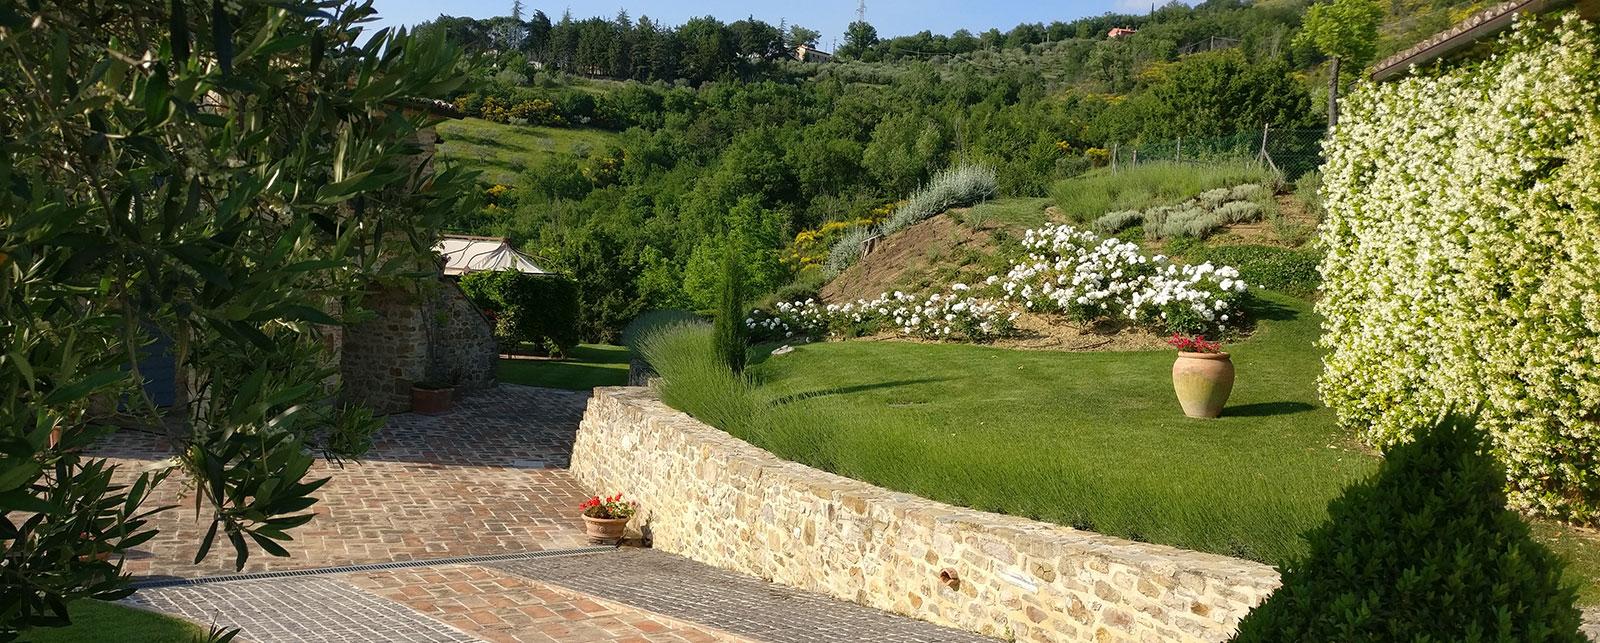 Realizzazione e manutenzione giardino perugia for Creazioni giardini